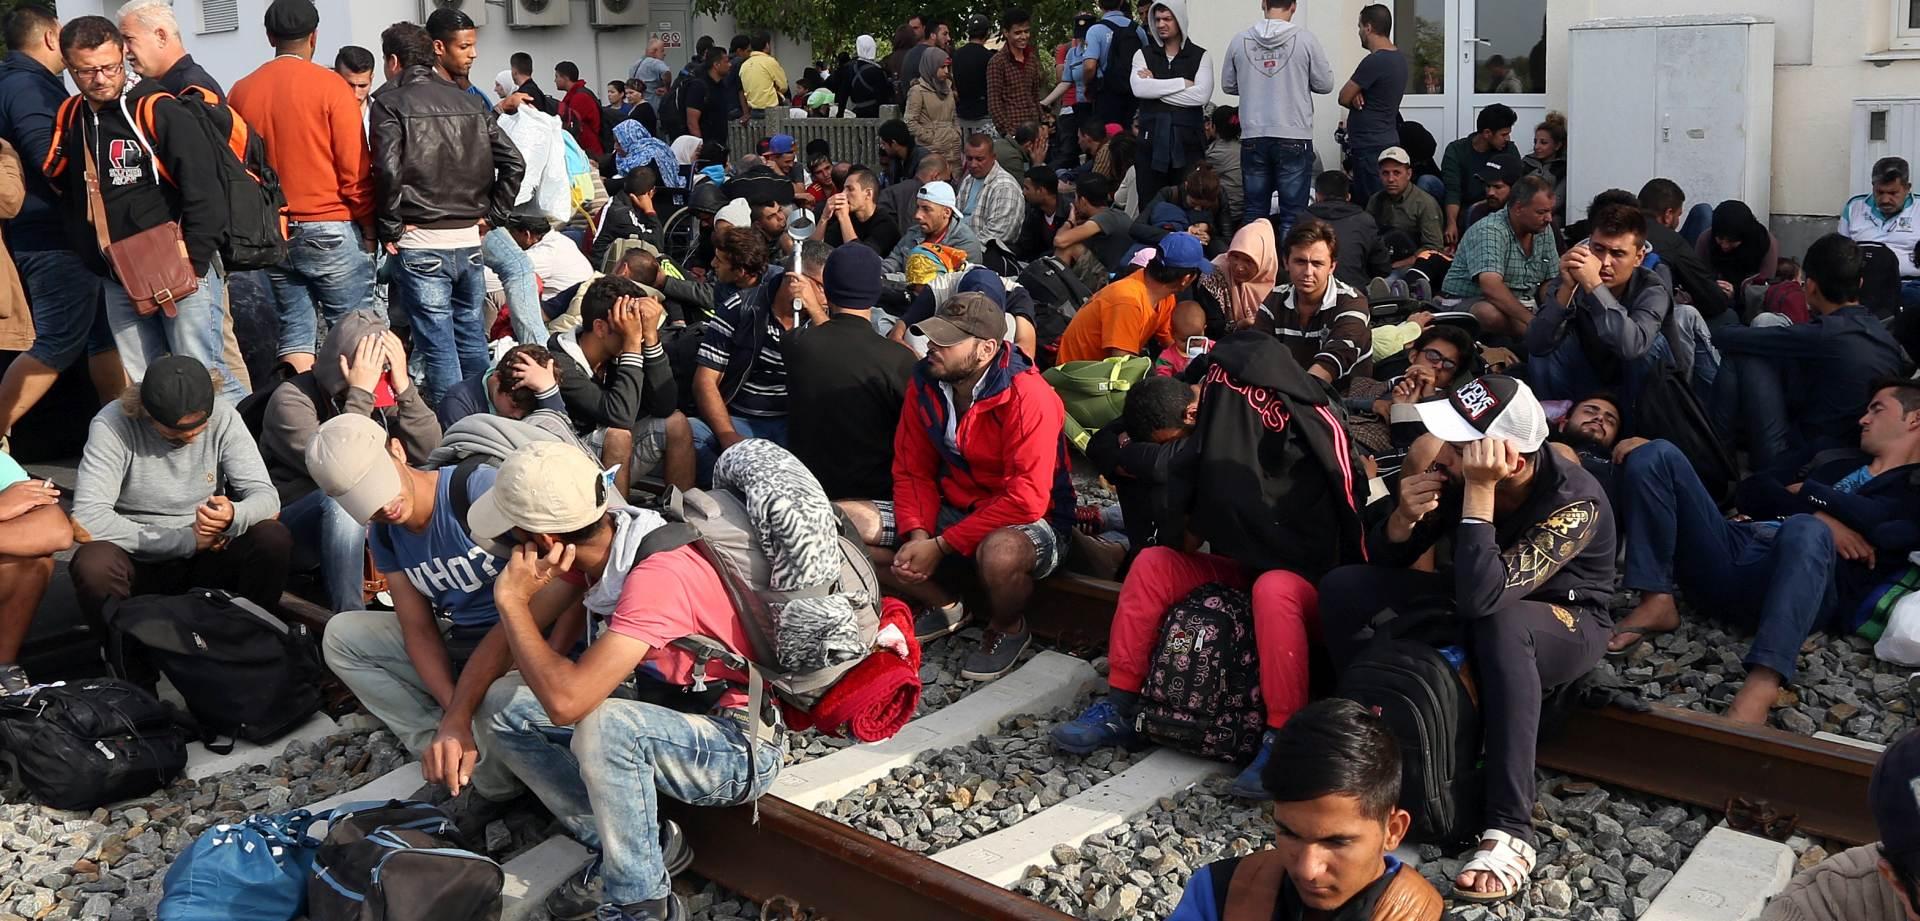 UMORNI I ISCRPLJENI Više od tisuću ljudi čeka na ničijoj zemlji kod Bregane